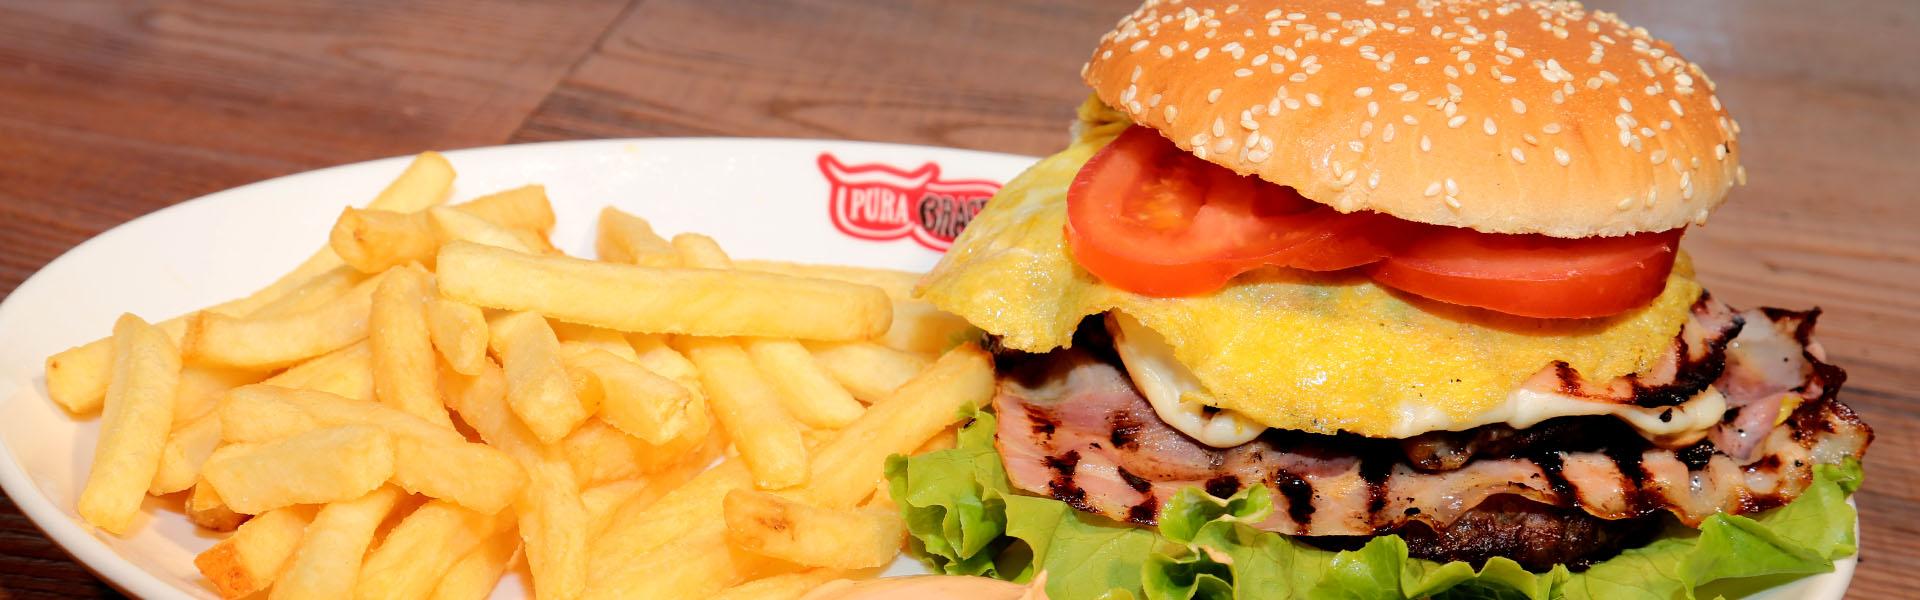 slider_hamburger_omelette